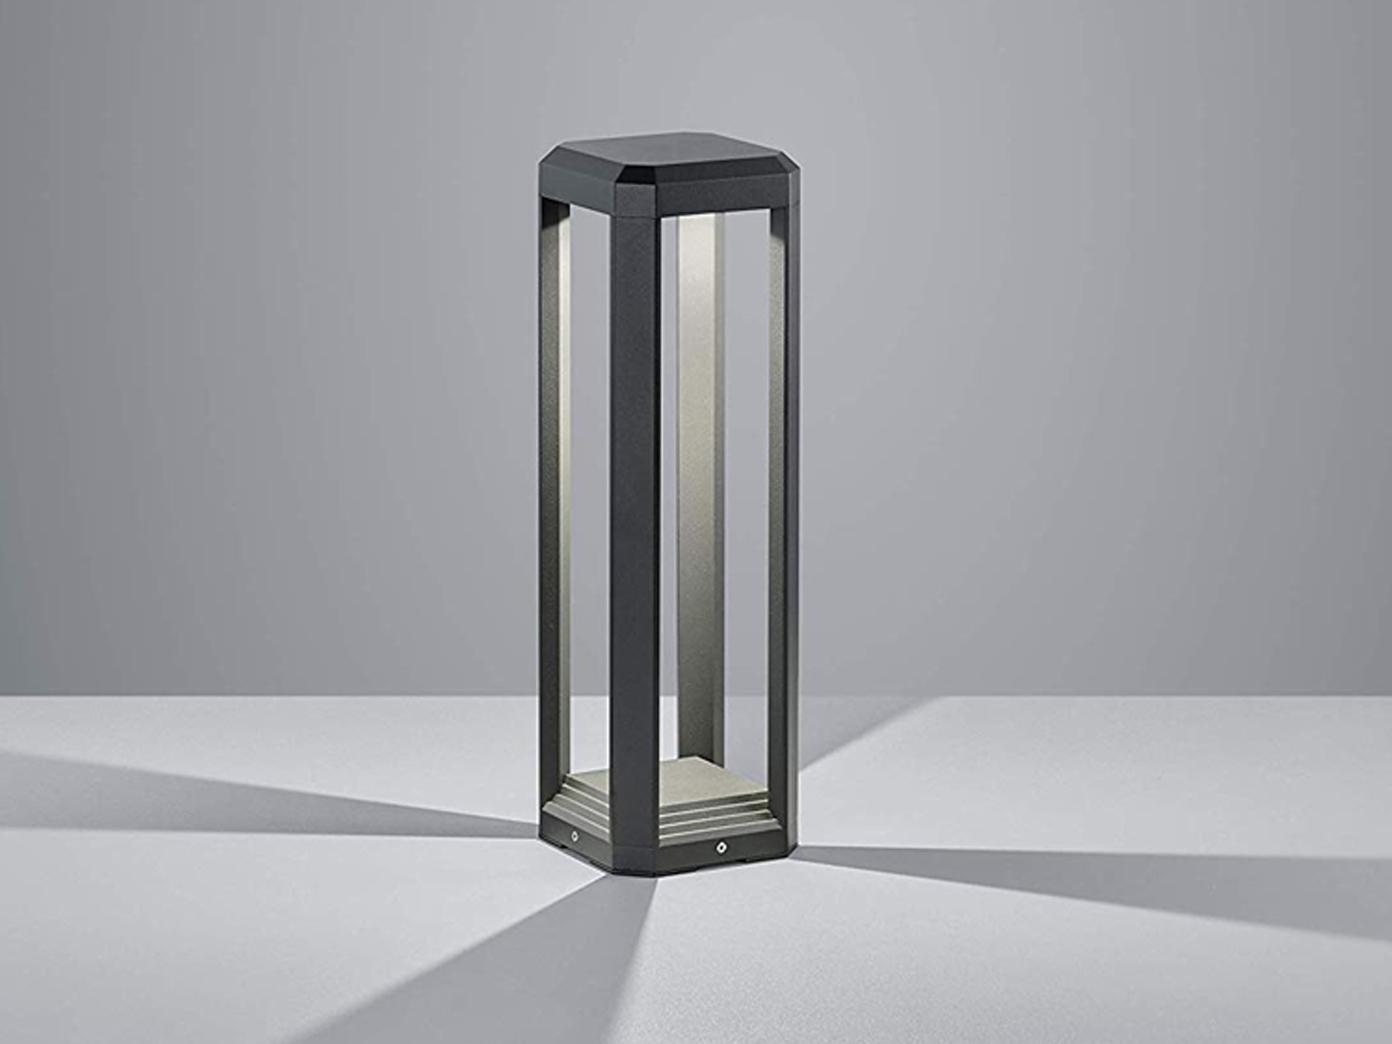 50cm Hohe Led Gartenbeleuchtung Aus Alu In Anthrazit Moderne Gehwegleuchte Ip65